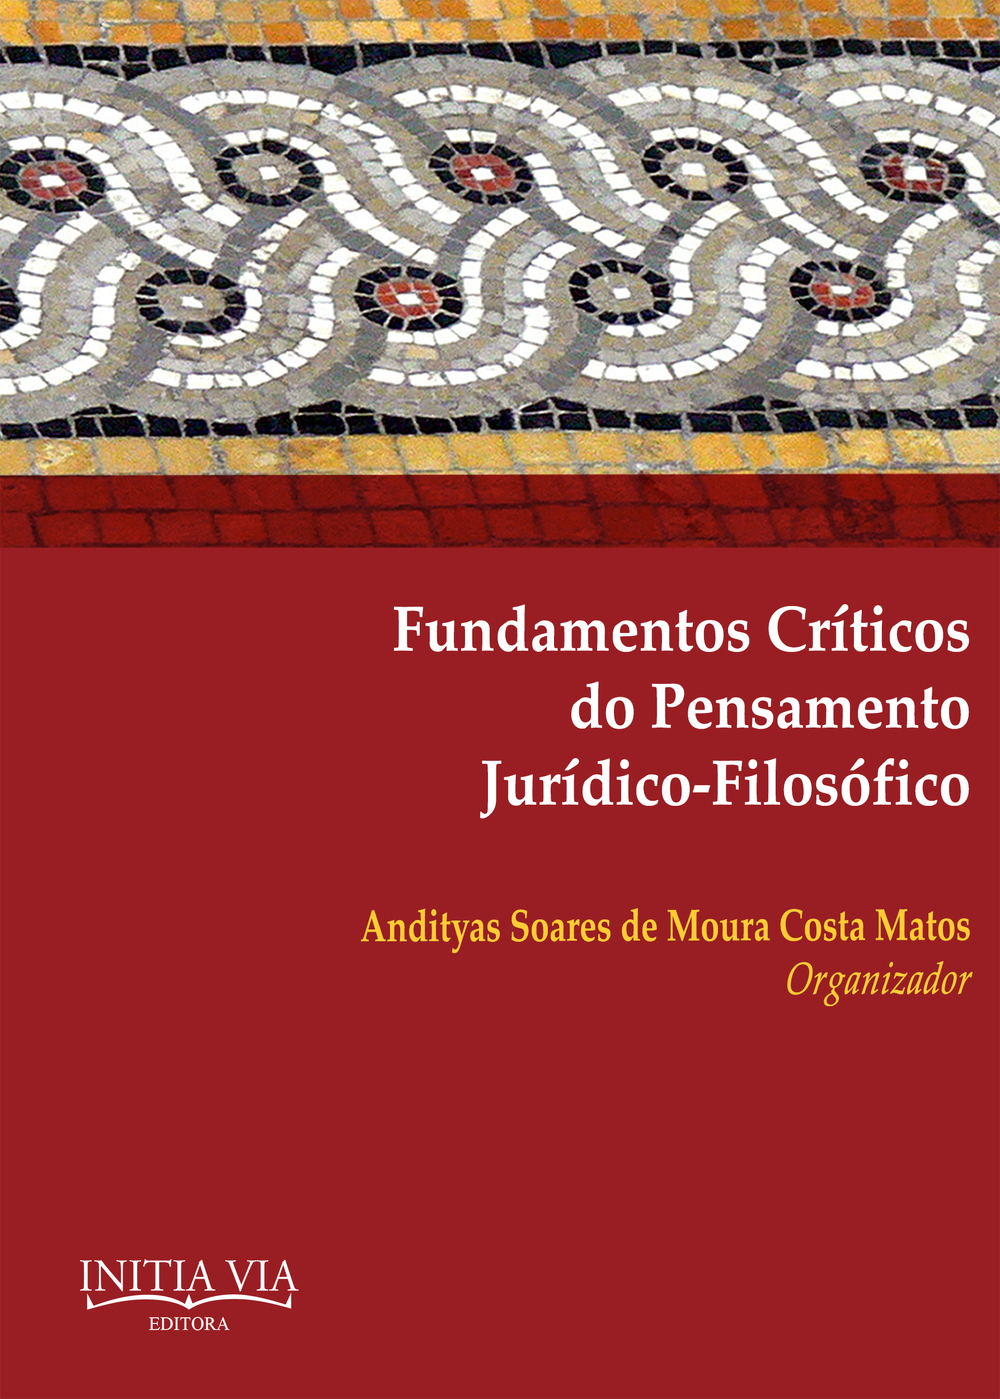 andityas_capa_fundamentos_kindle.jpg